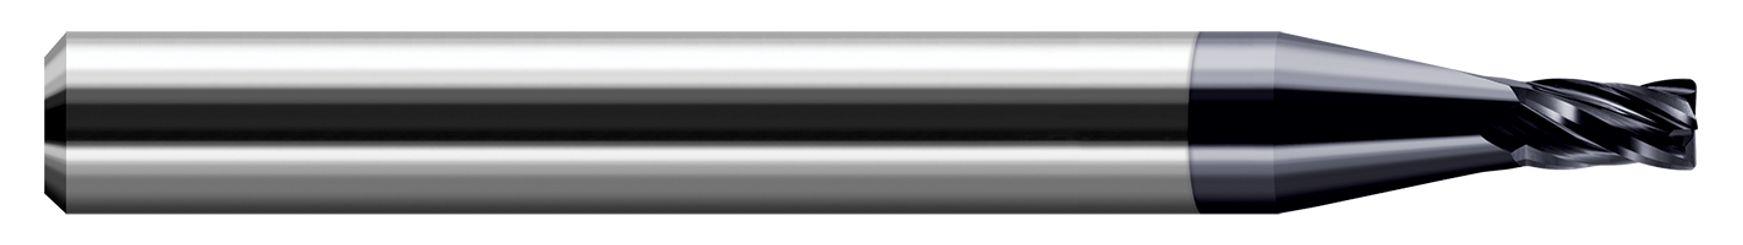 tool-details-993893-C3